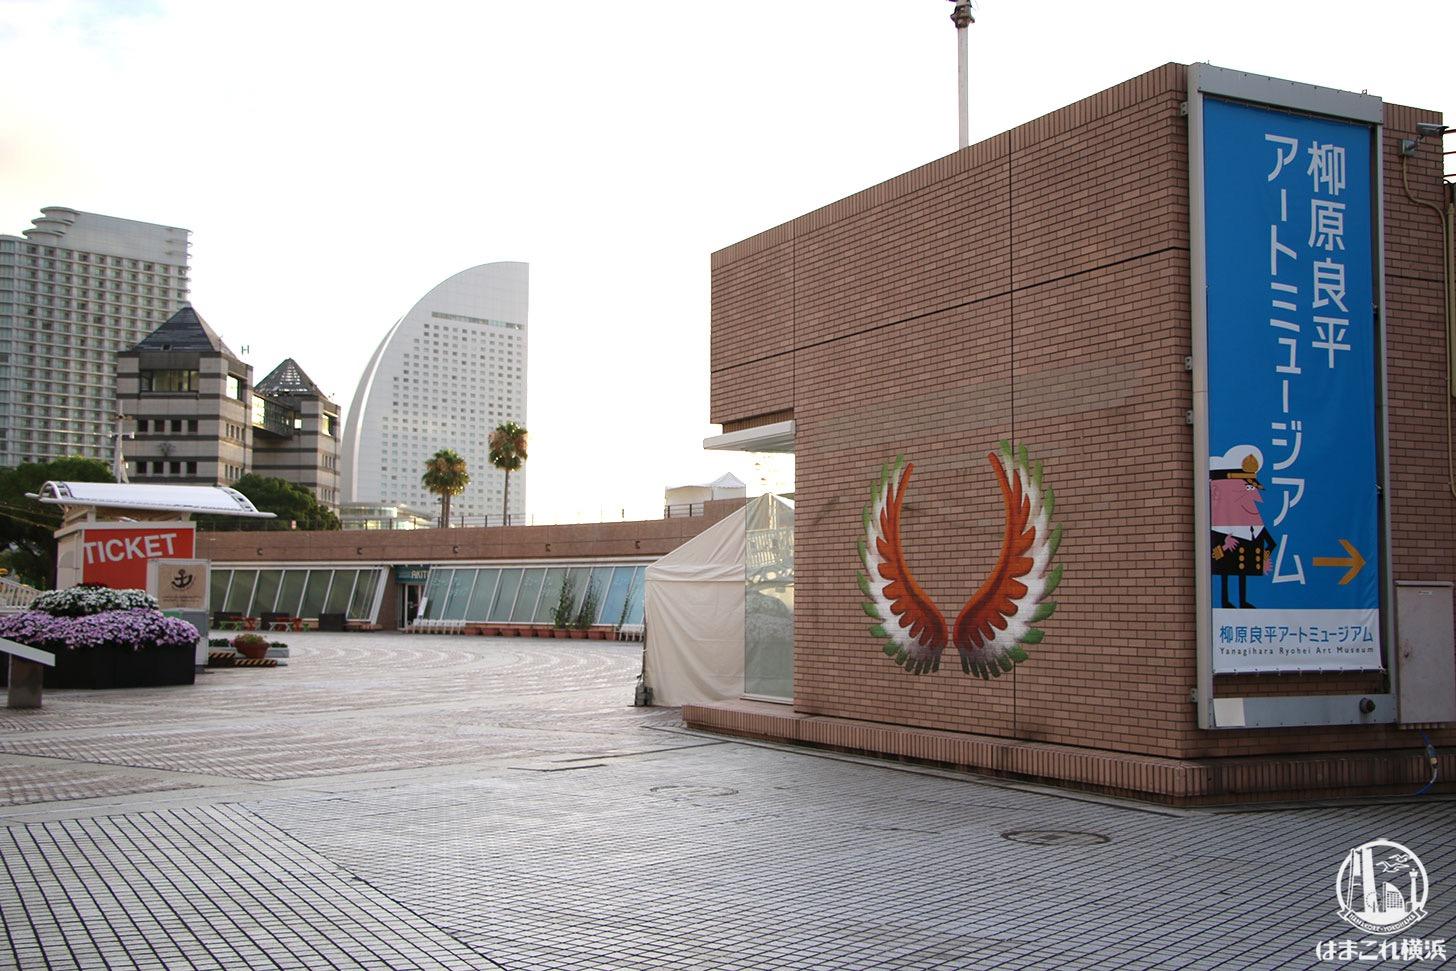 日本丸メモリアルパーク ホウホウ